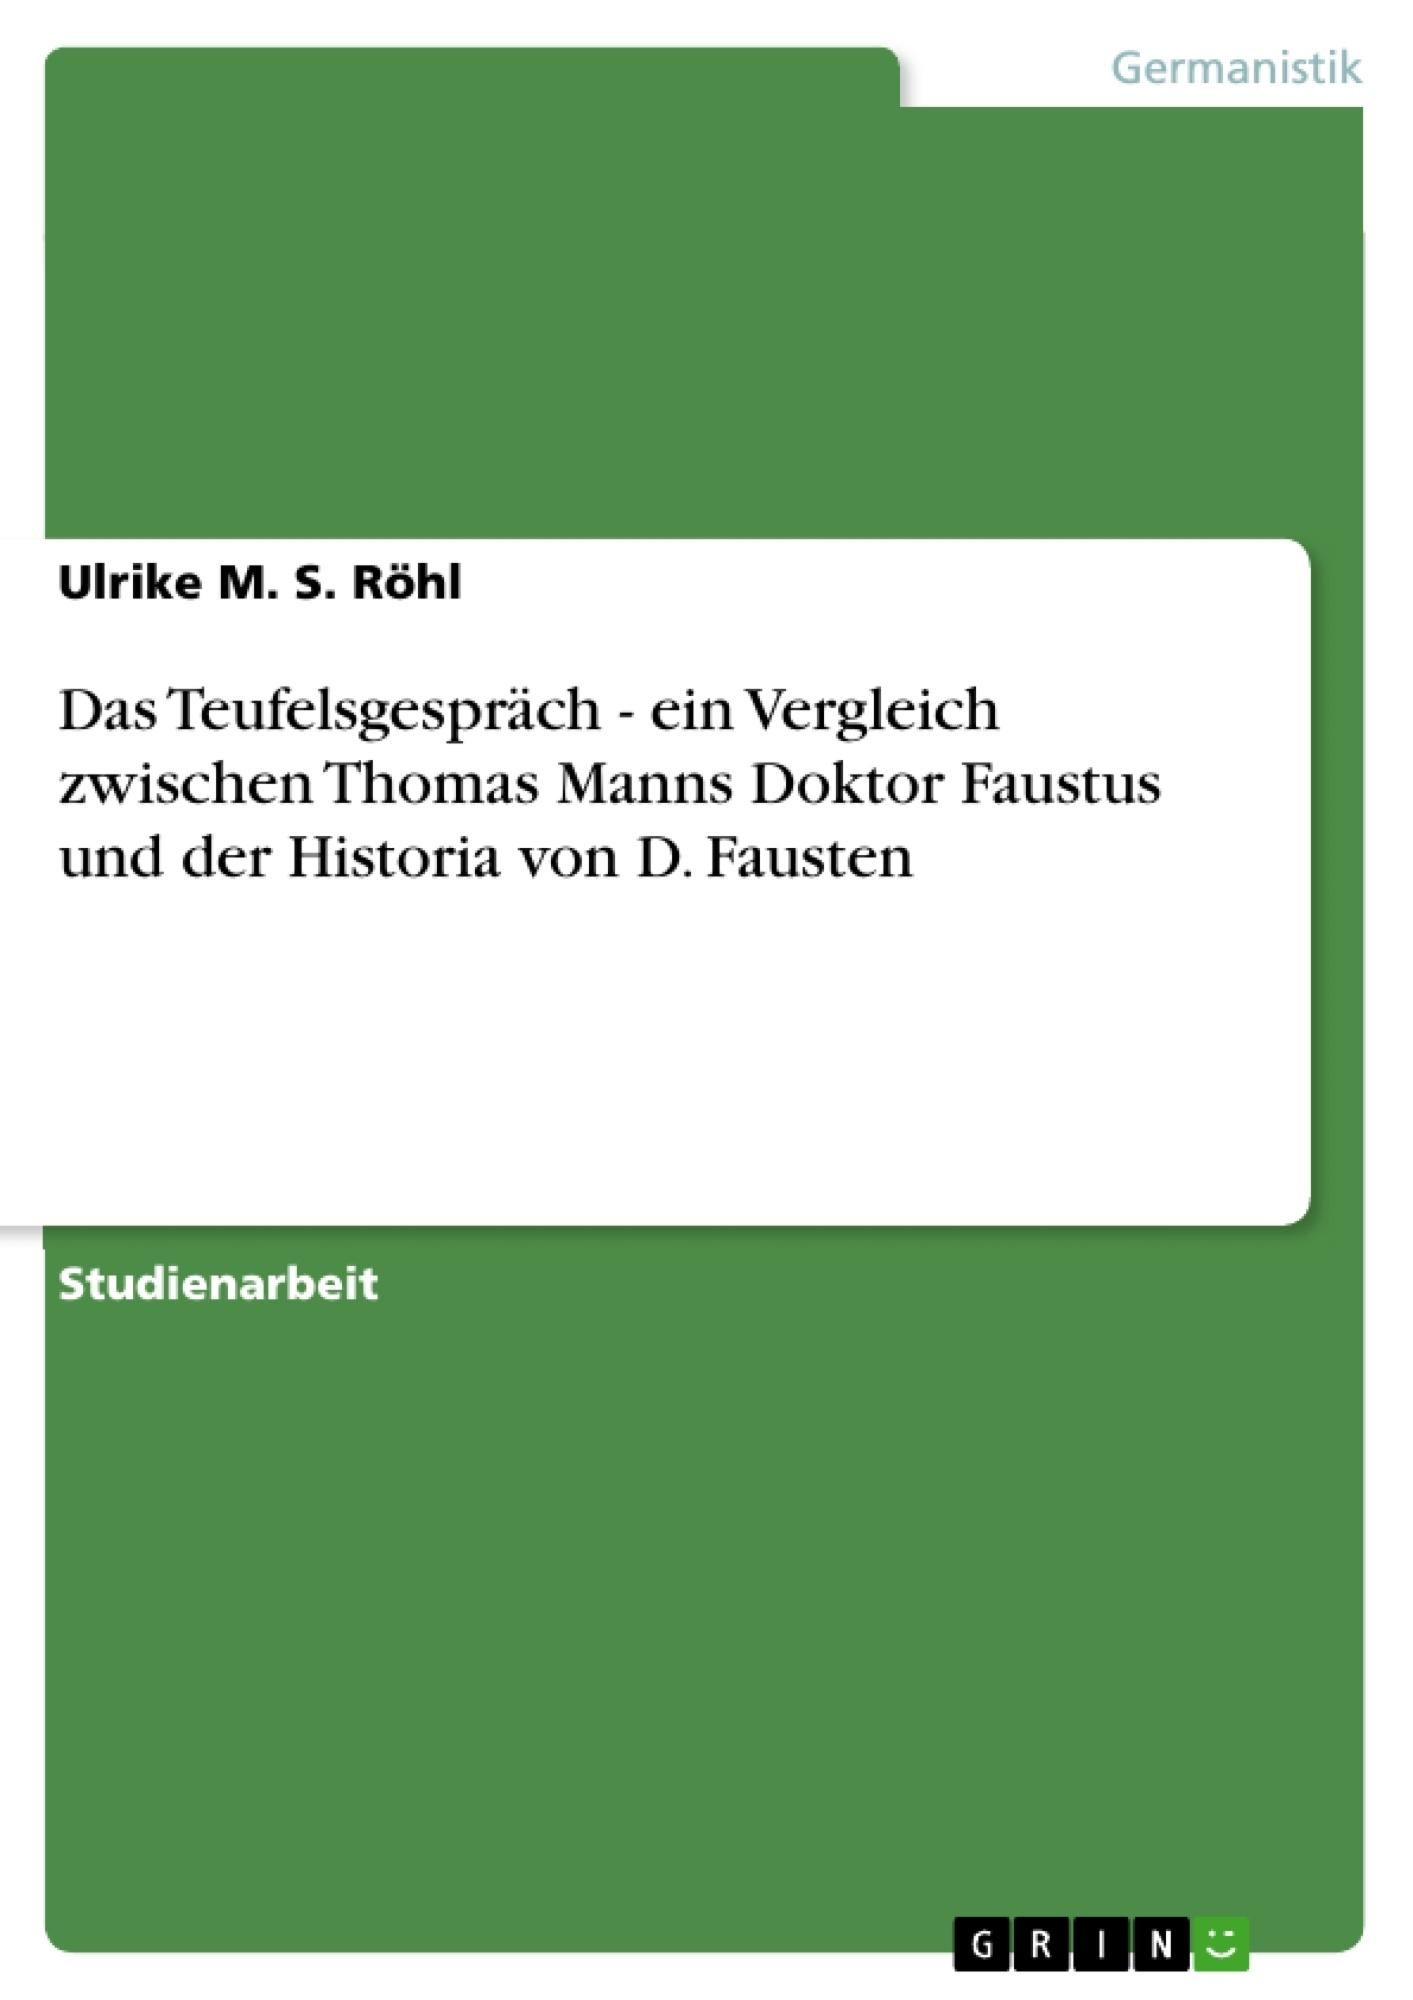 Titel: Das Teufelsgespräch - ein Vergleich zwischen Thomas Manns Doktor Faustus und  der Historia von D. Fausten